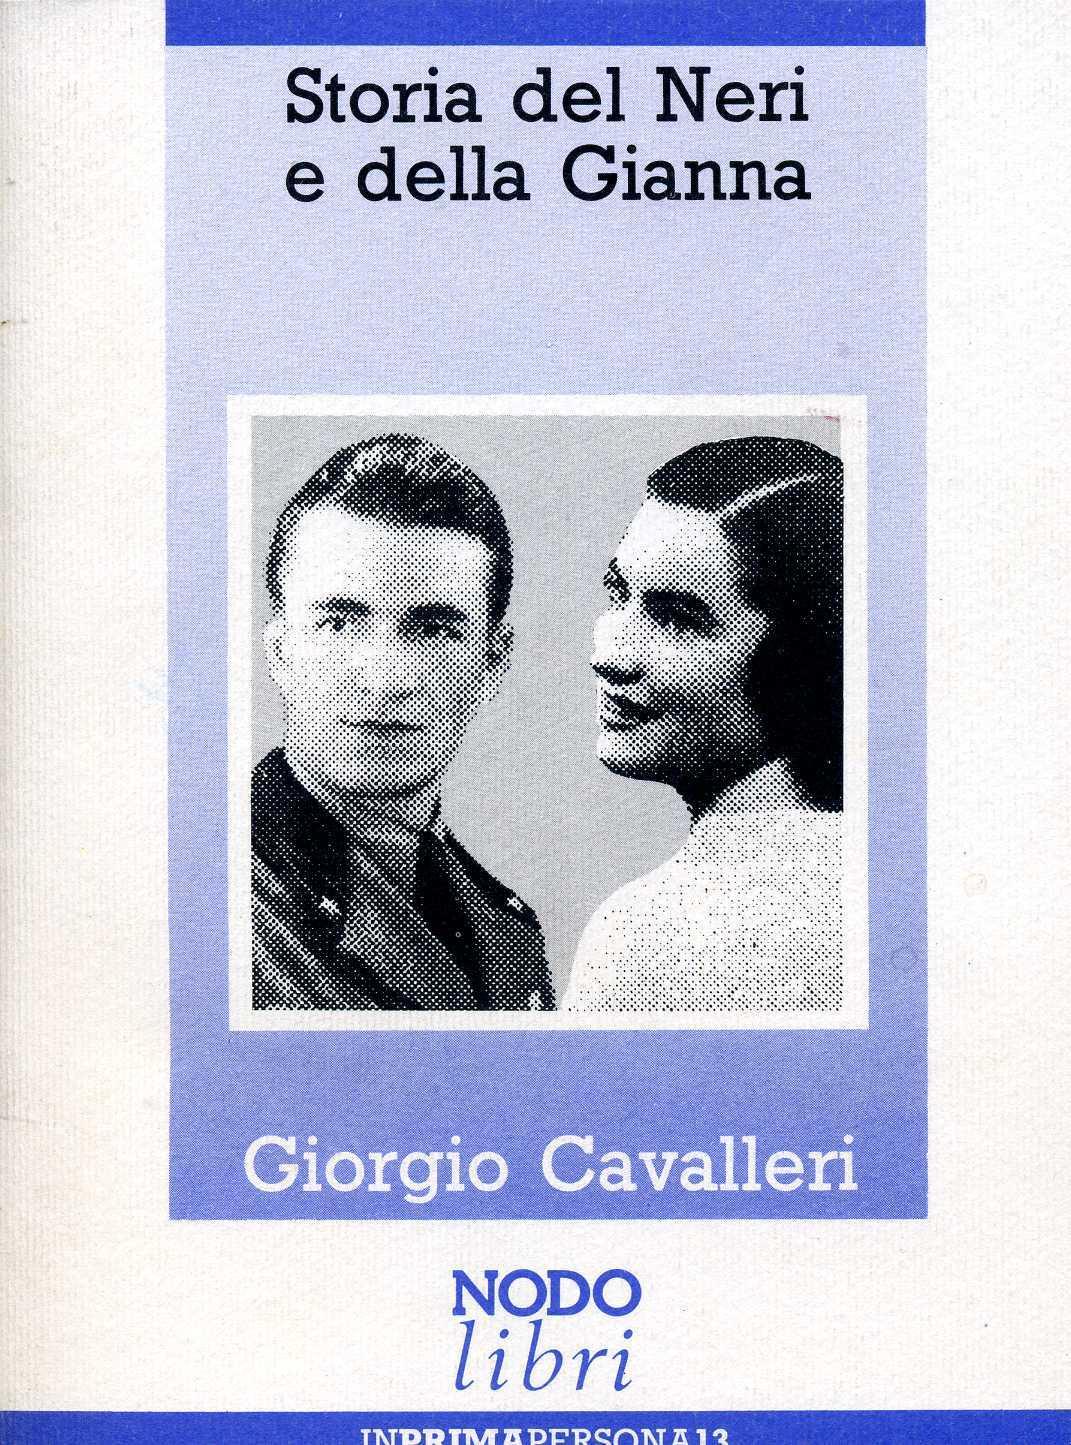 Storia del Neri e della Gianna